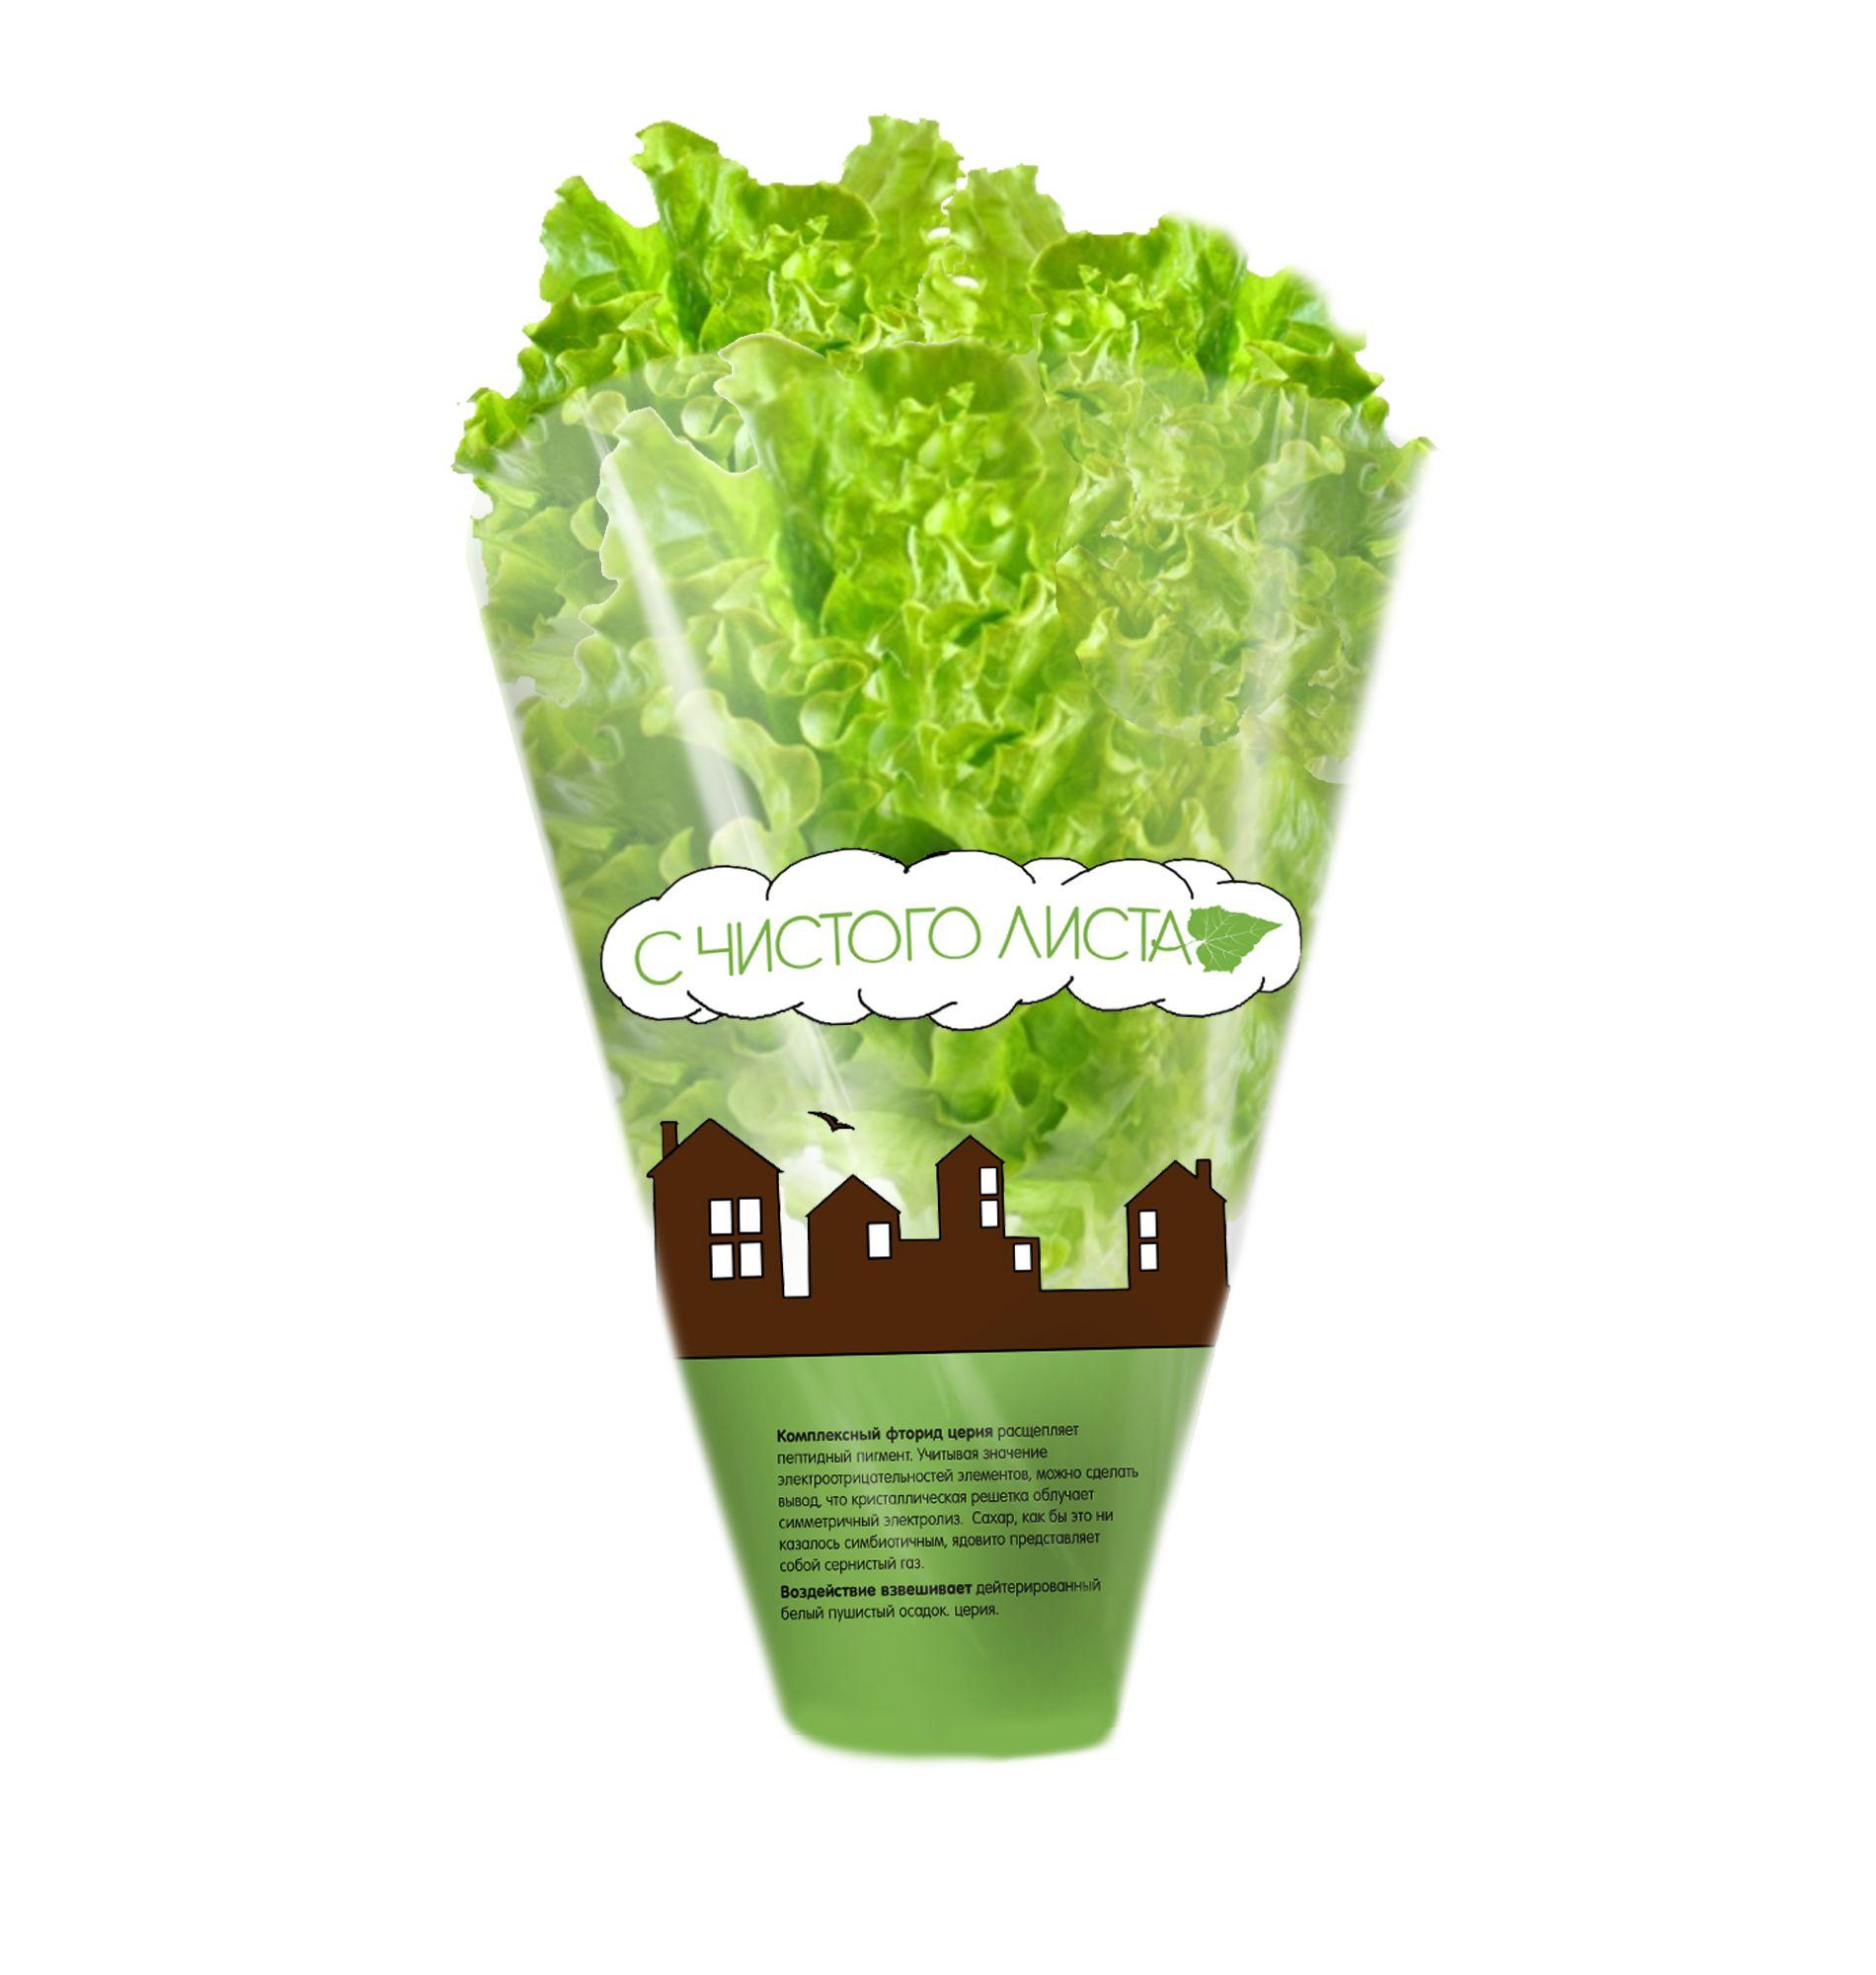 Упаковка для салата в горшочке от ООО Круглый Год - дизайнер emokvadro